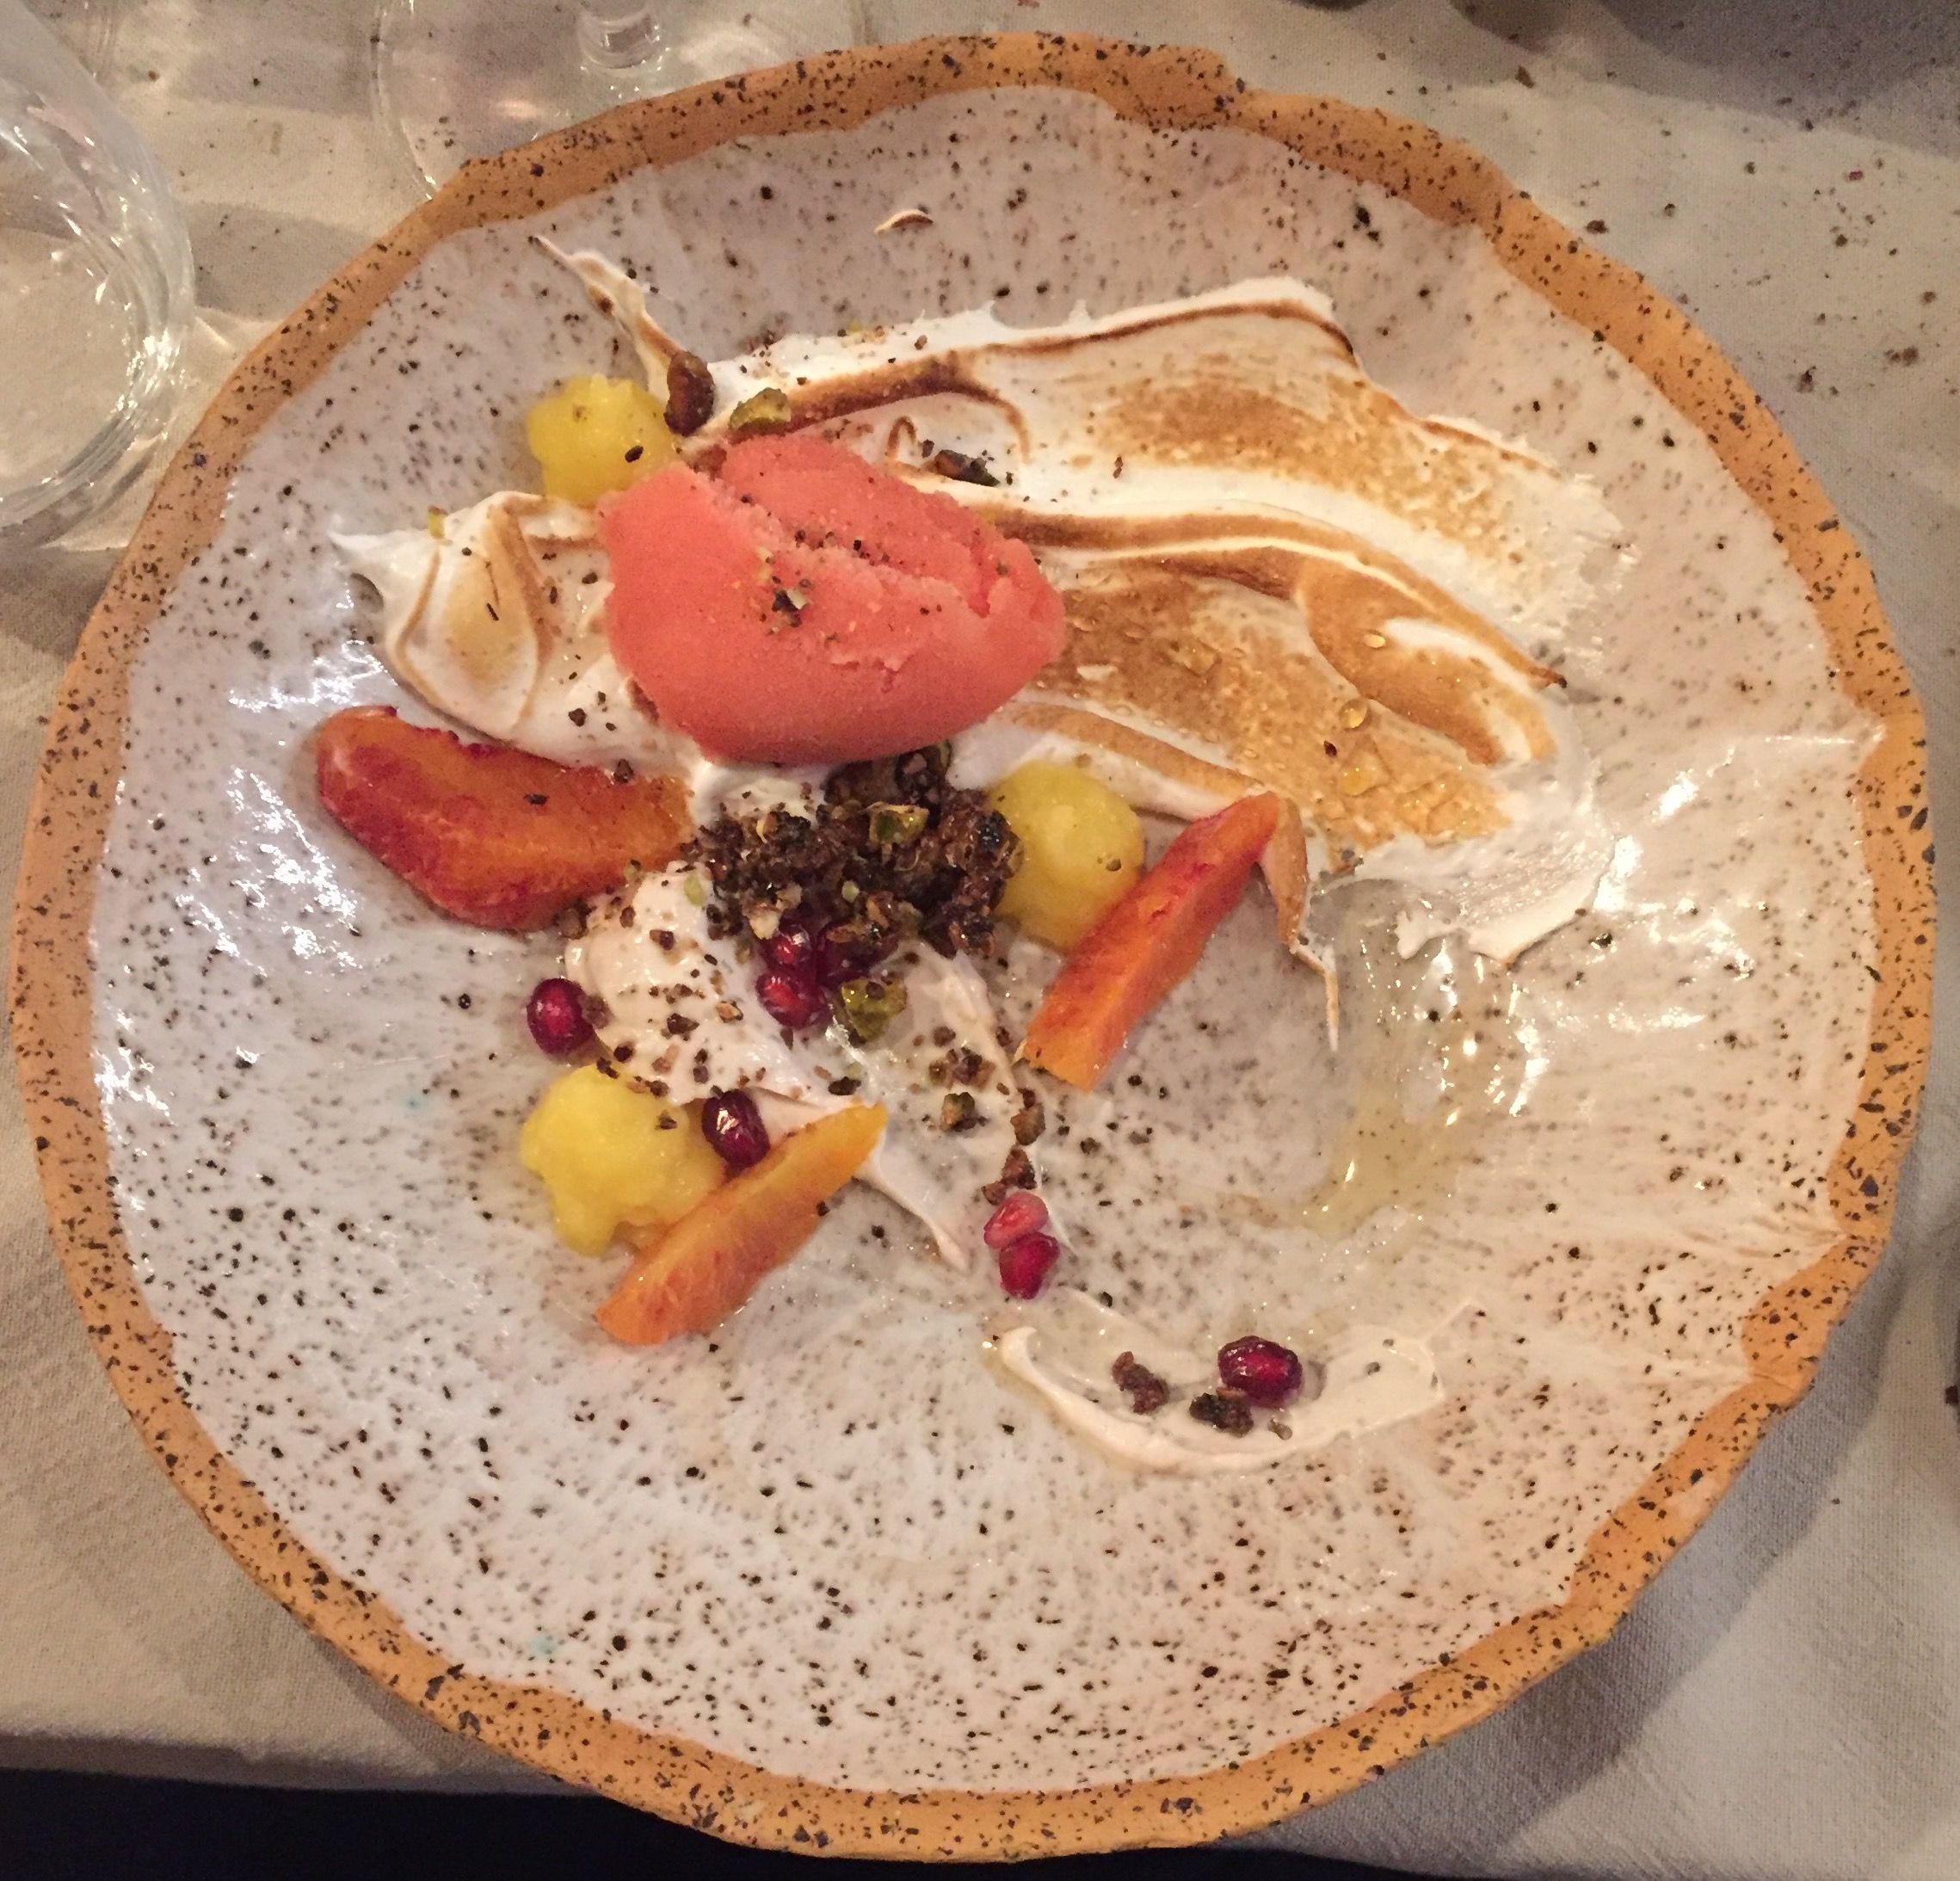 #PastoorGent #Gent #Private Restau